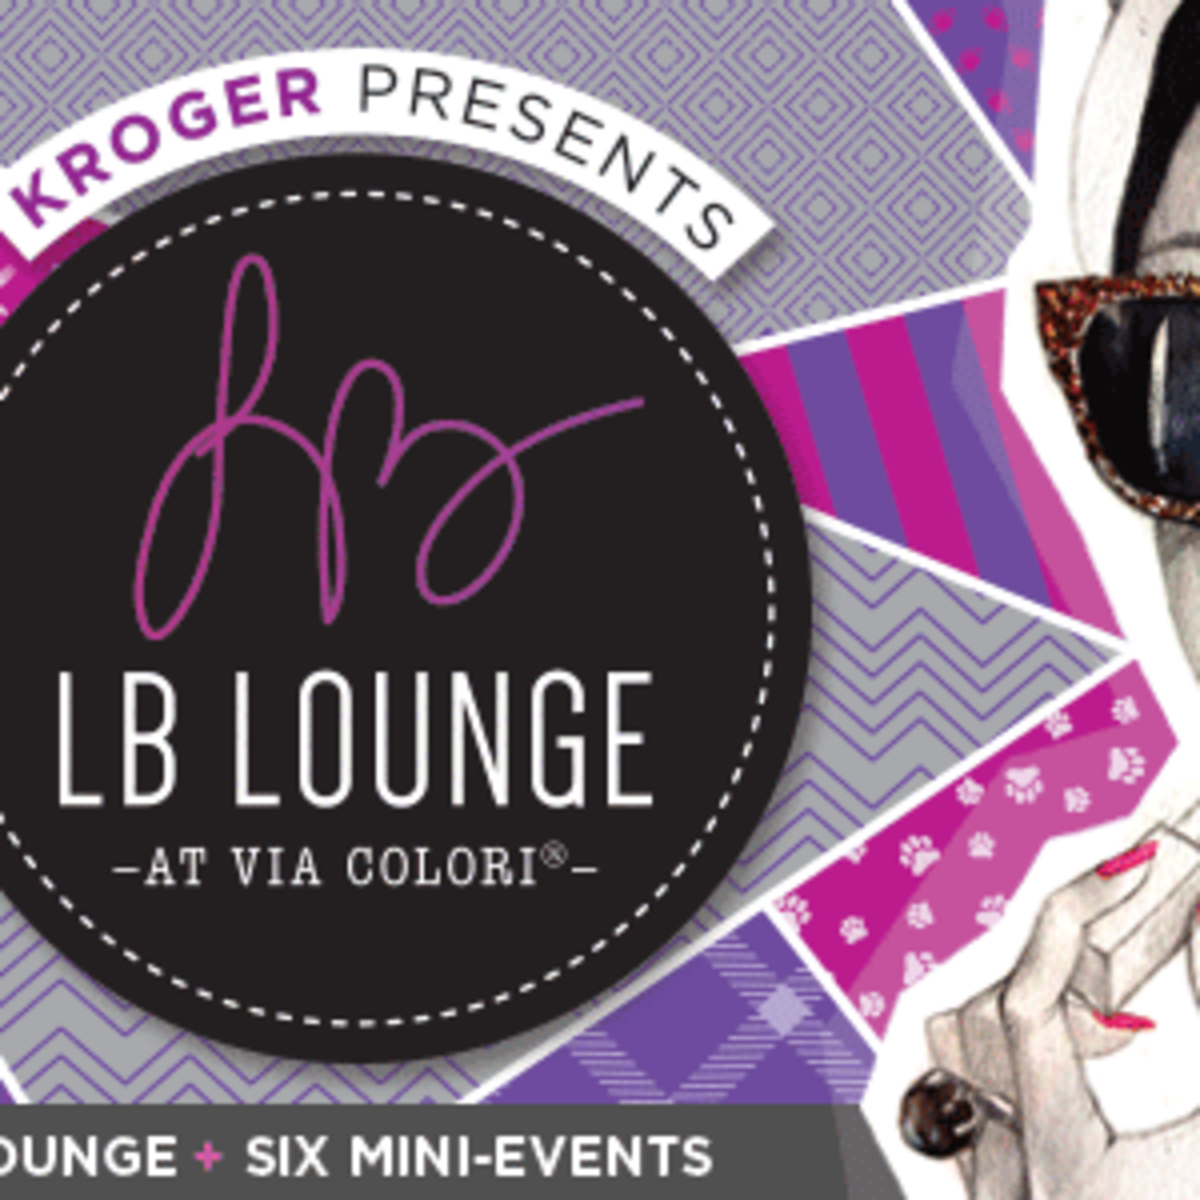 Via Colori LB Lounge